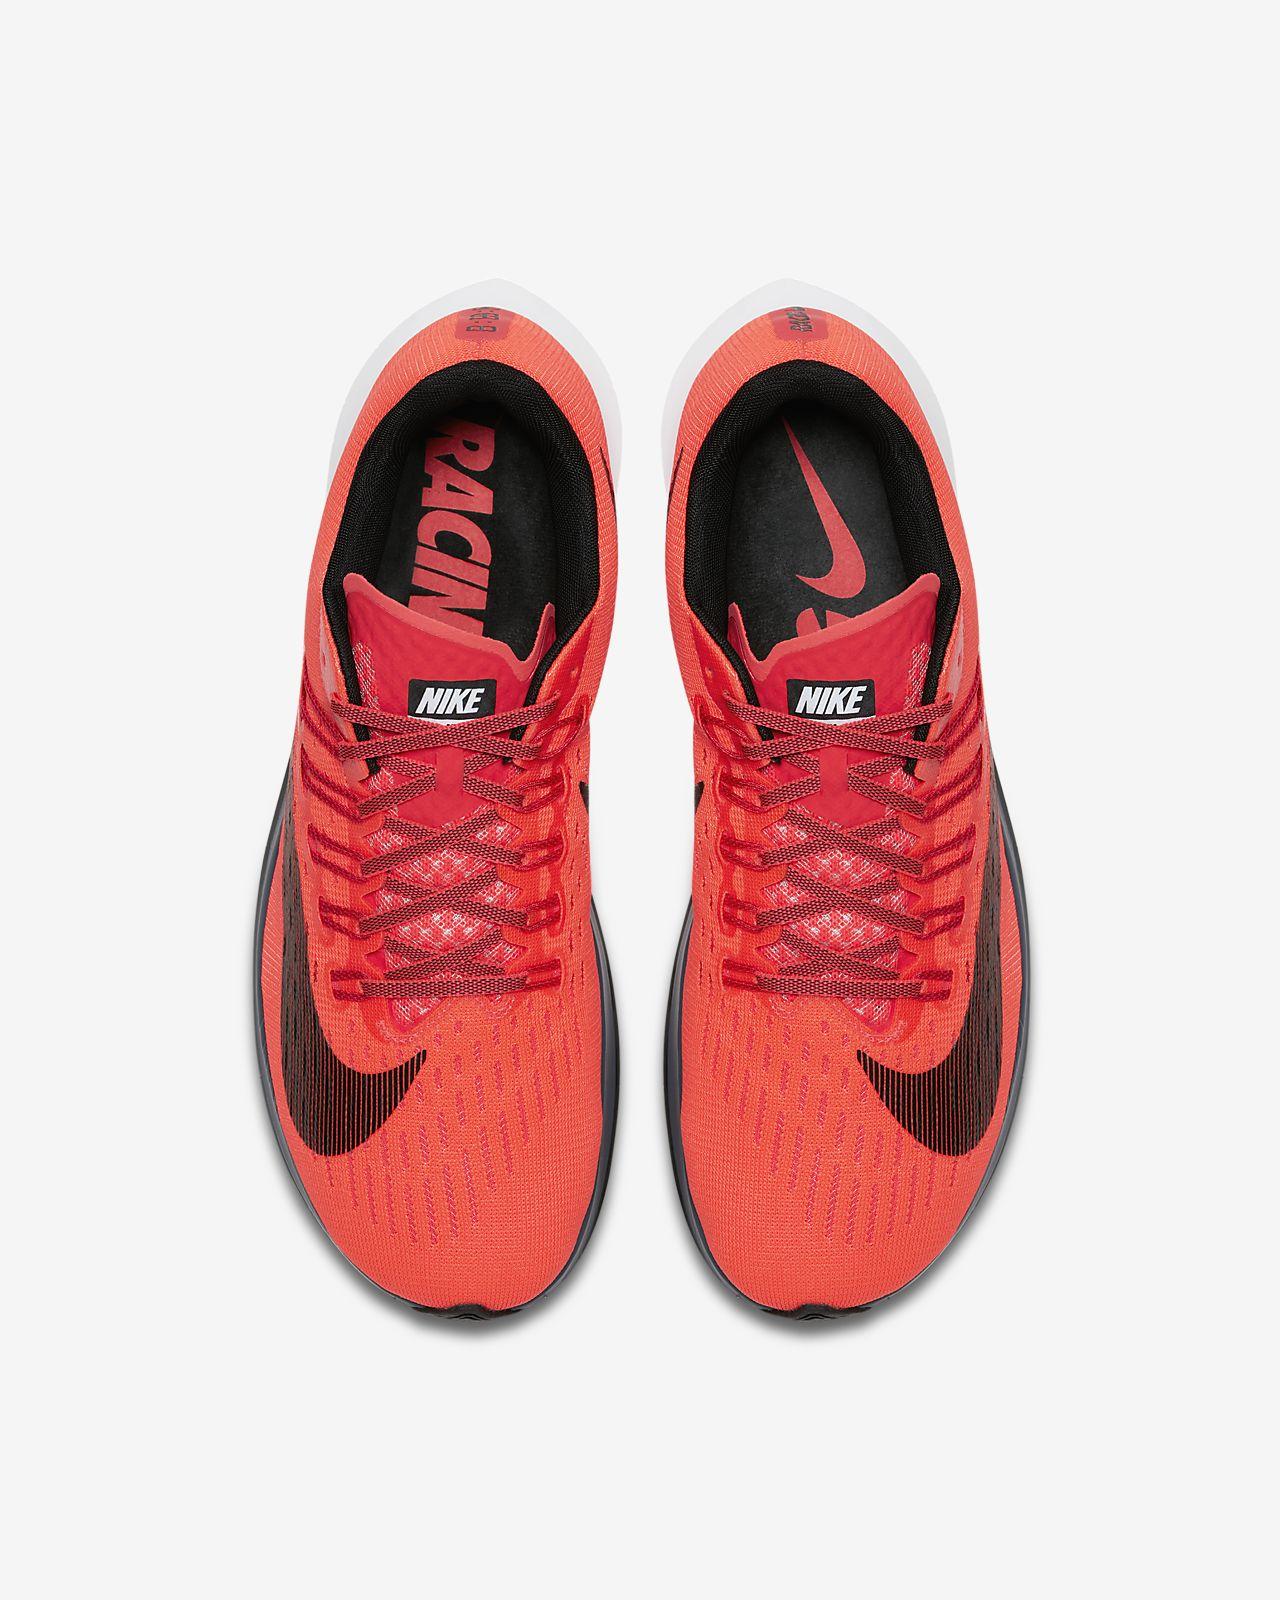 beff2f1684e6 Calzado de running para hombre Nike Zoom Fly. Nike.com MX